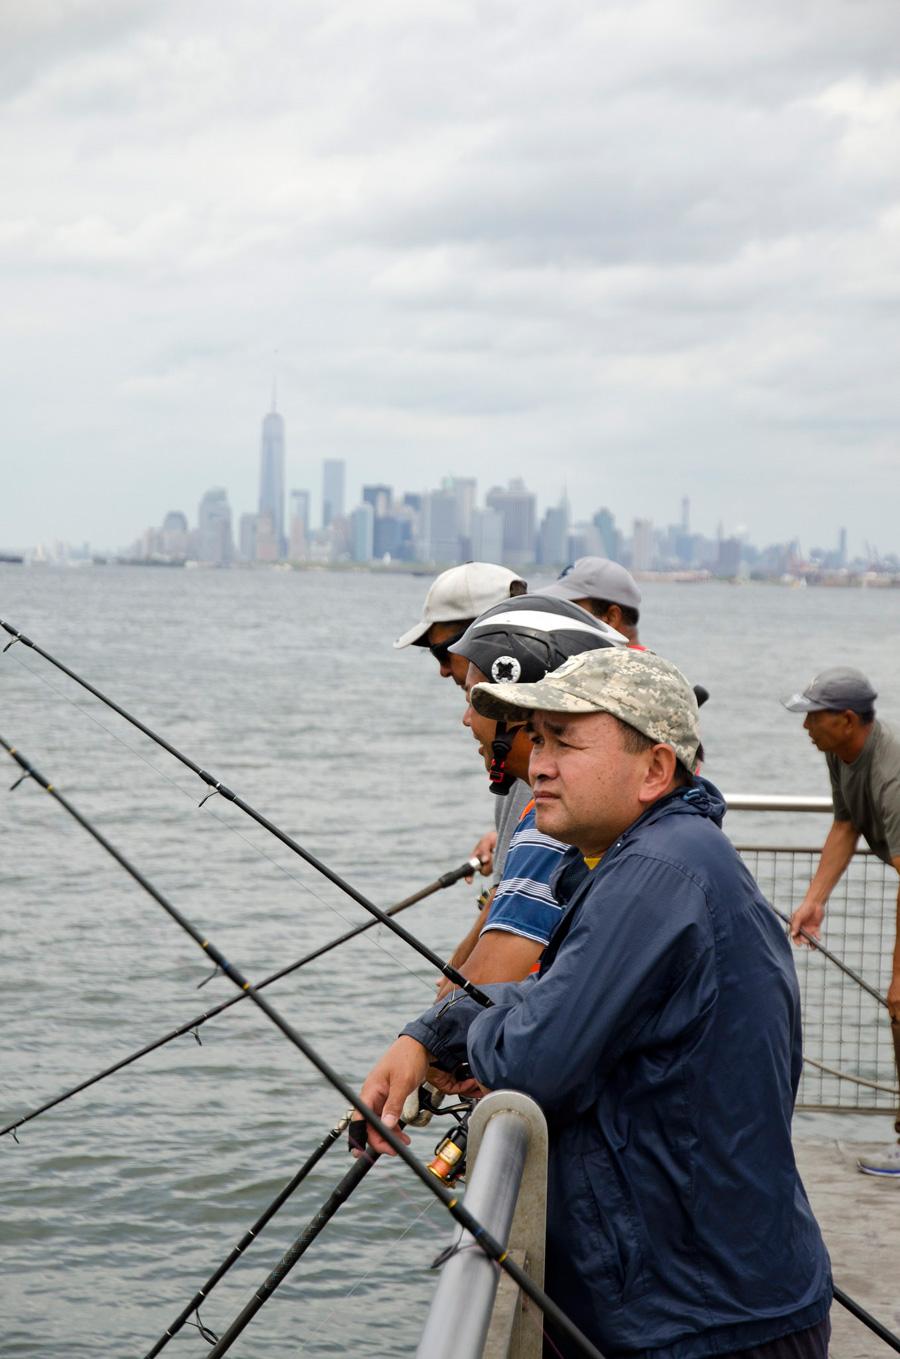 Fishermen on Owl's Head Pier in Brooklyn